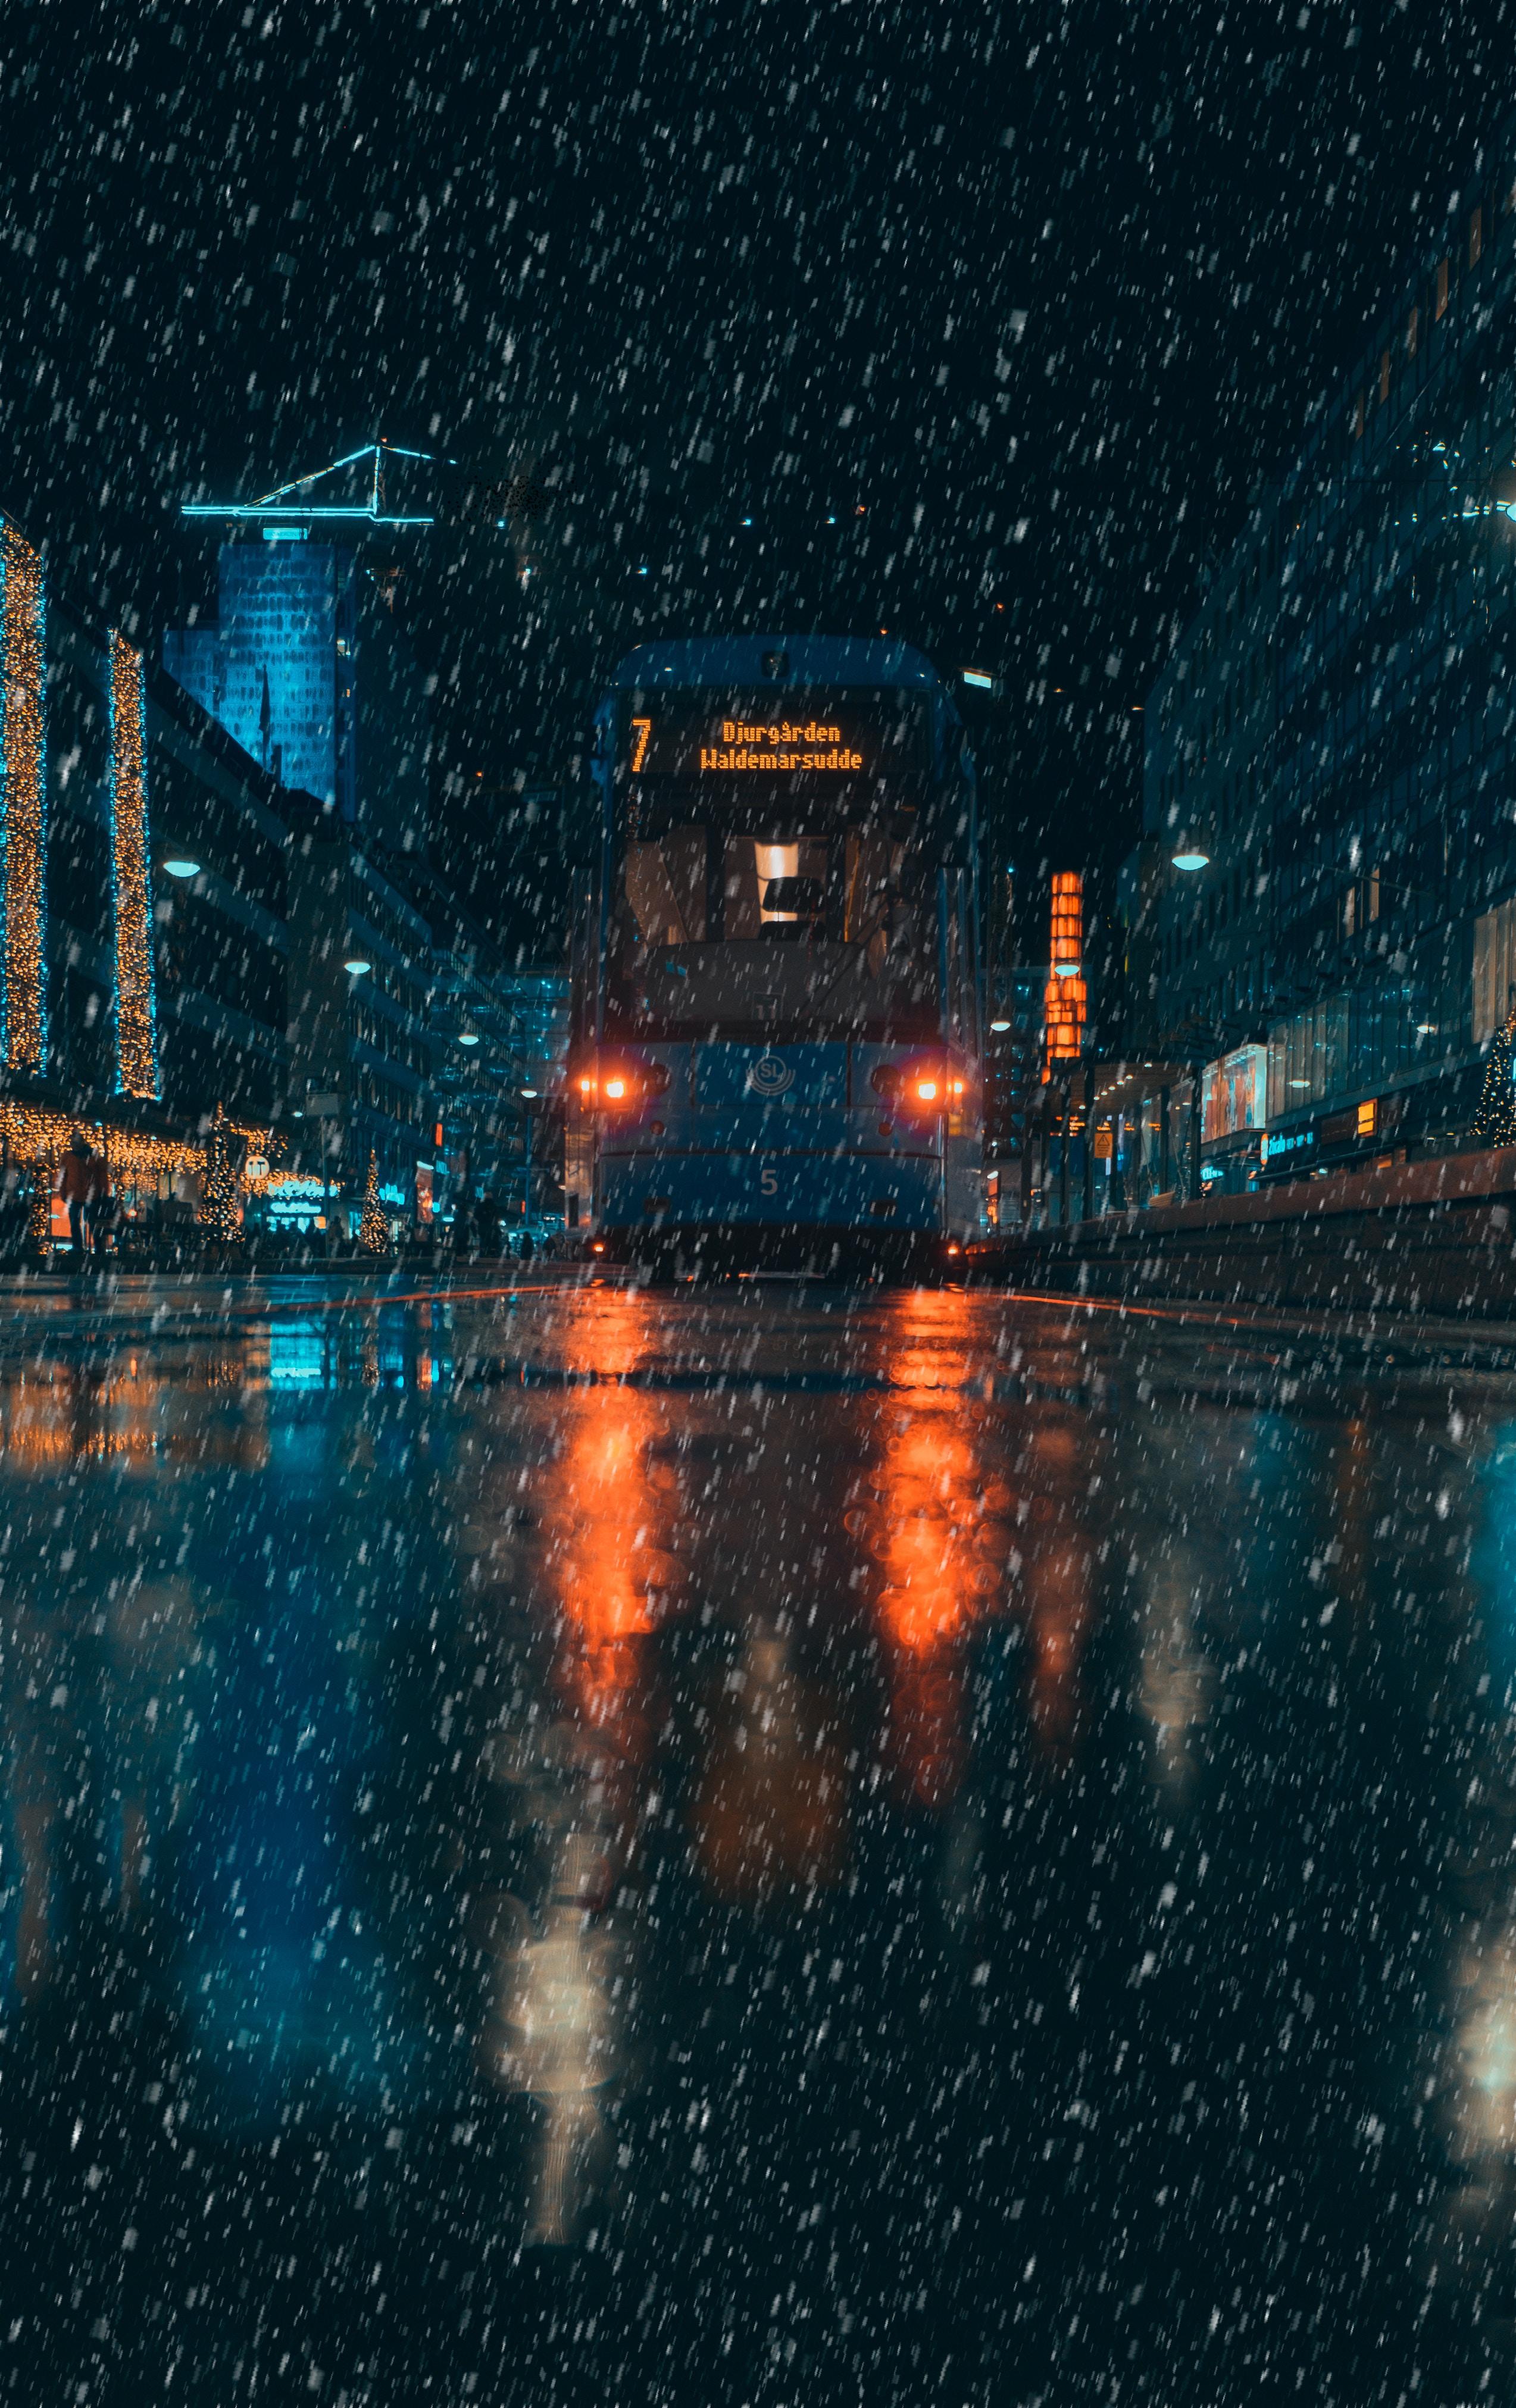 83341 скачать обои Транспорт, Дождь, Ночь, Город, Темные, Вечер - заставки и картинки бесплатно